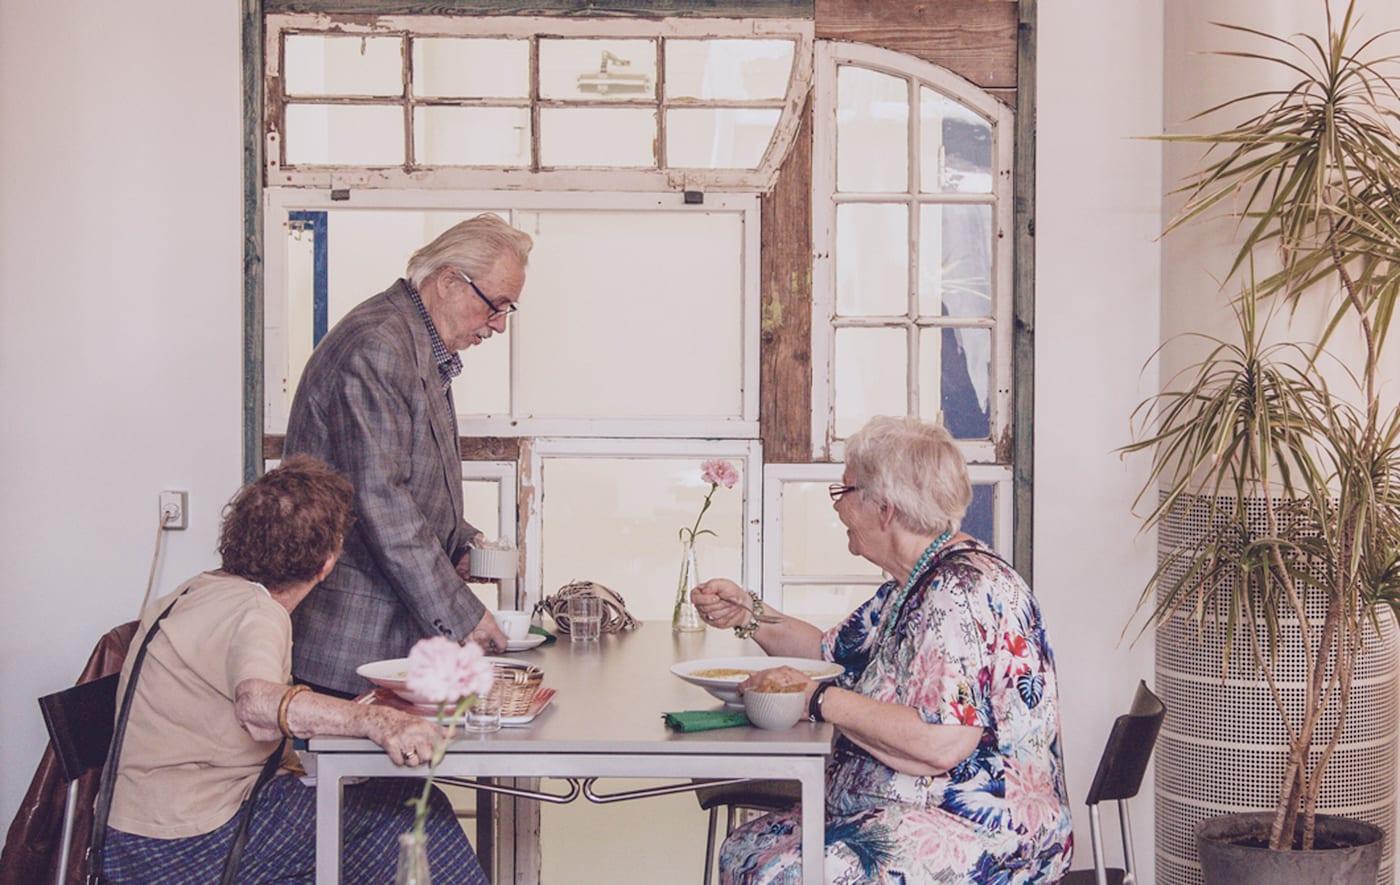 Ein älterer Mann & zwei ältere Damen sitzen an einem Tisch und nehmen eine Mahlzeit ein.